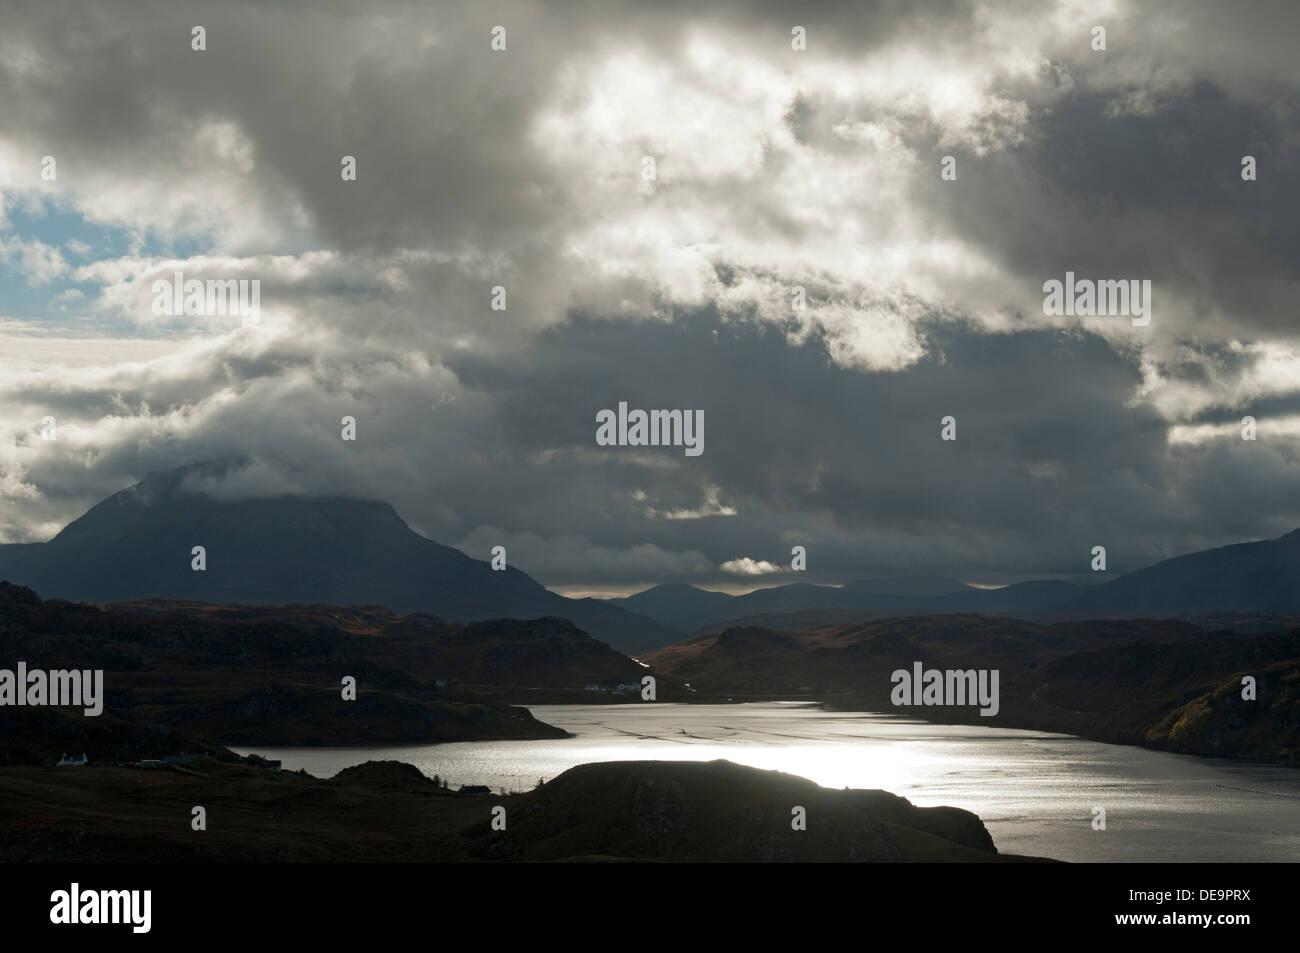 Arkle sopra Loch Inchard, dal vicino Kinlochbervie, Sutherland, Scotland, Regno Unito. Foto Stock